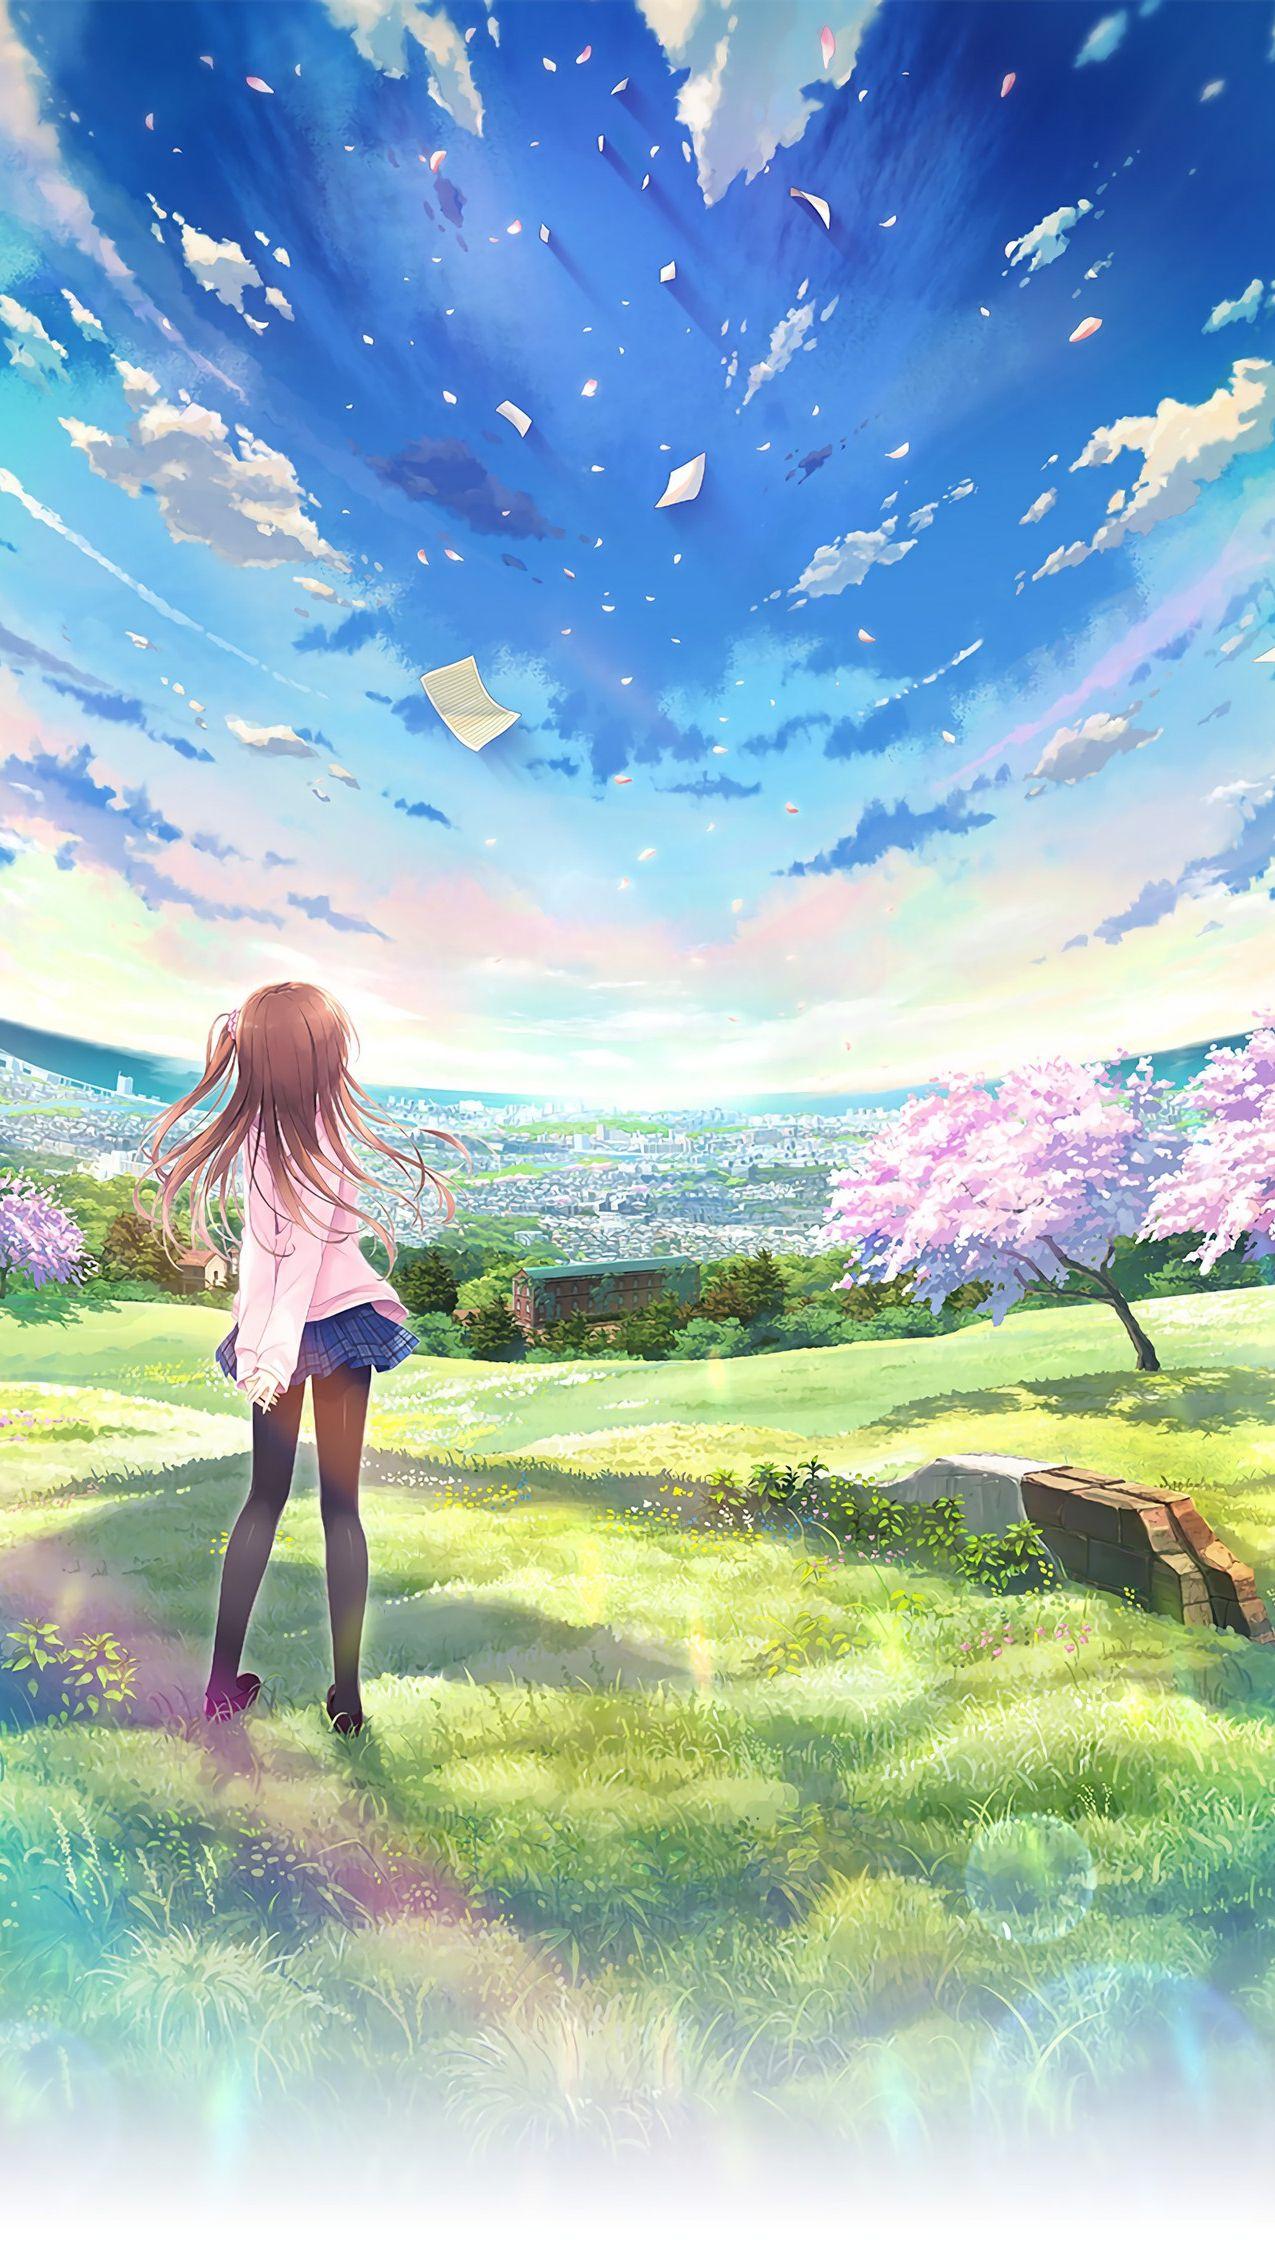 Pin by liղհléɑհ on յɑԹɑղҽsҽ Cσɾղҽɾ Anime scenery, Sky